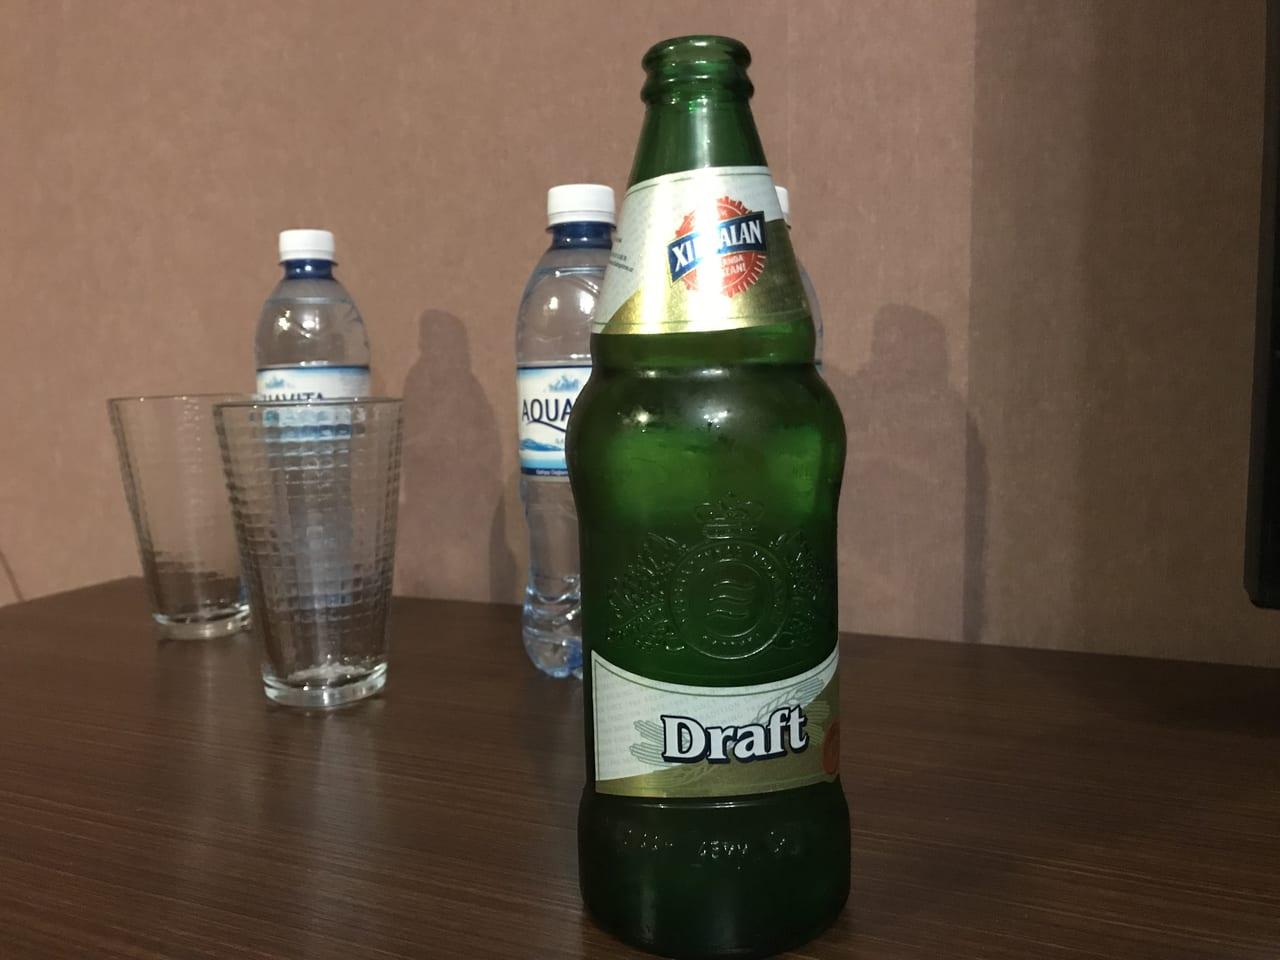 イスラム教徒の多いアゼルバイジャンですが、ワインはもちろんビールもあります。